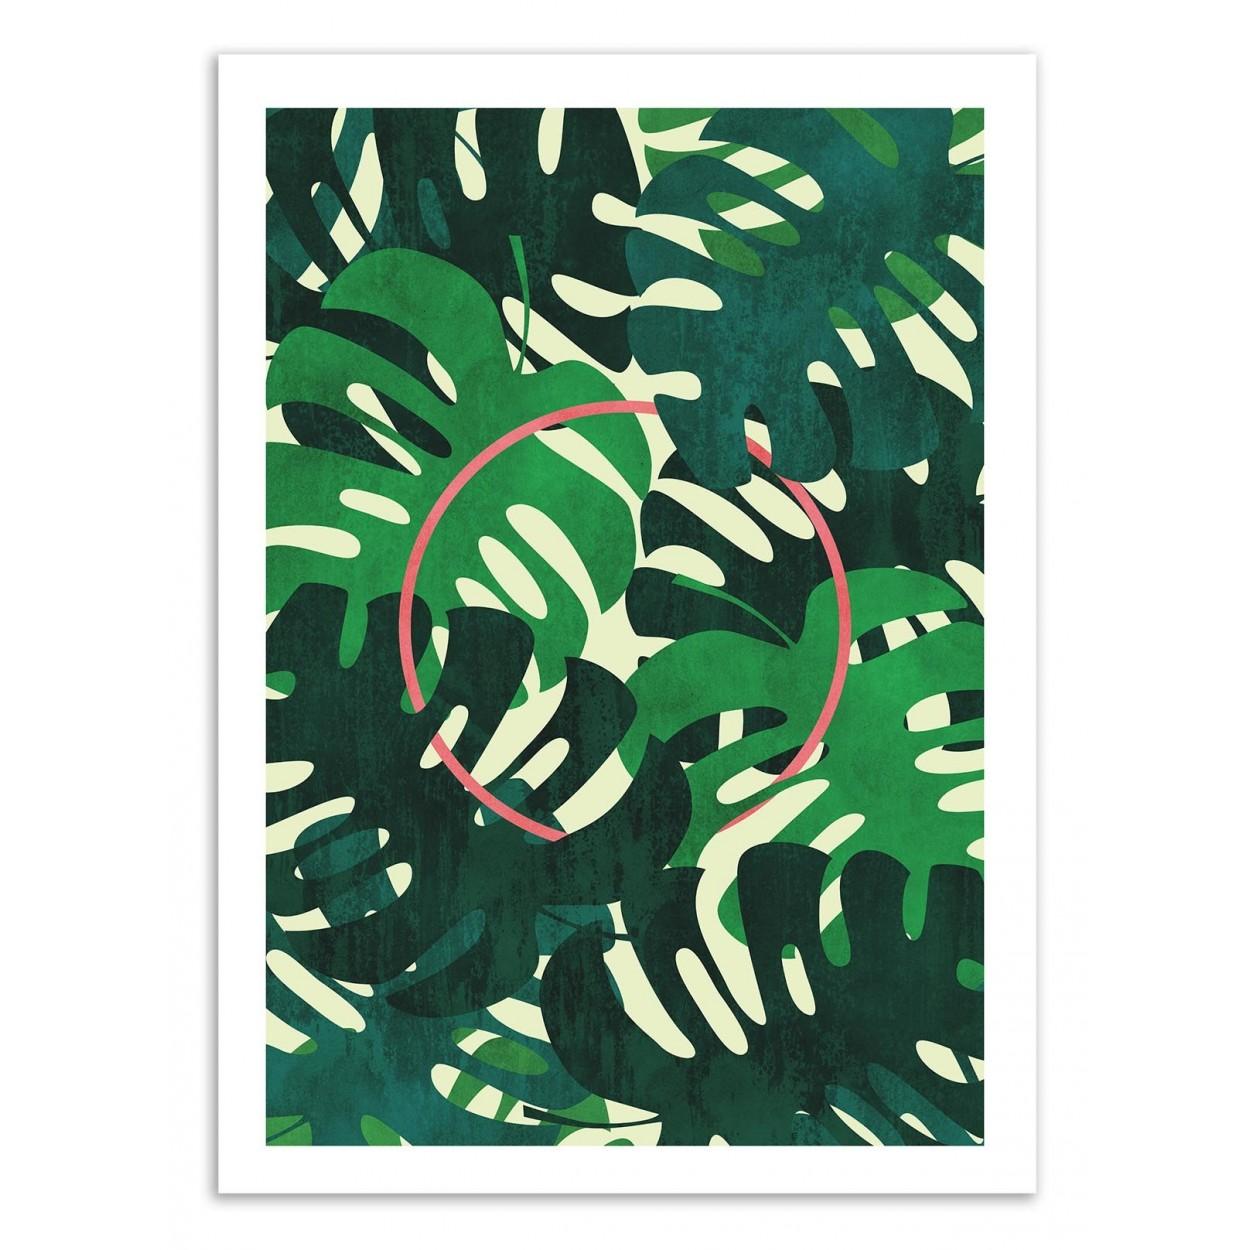 affiche art poster decoration illustration design de jungle et for t. Black Bedroom Furniture Sets. Home Design Ideas